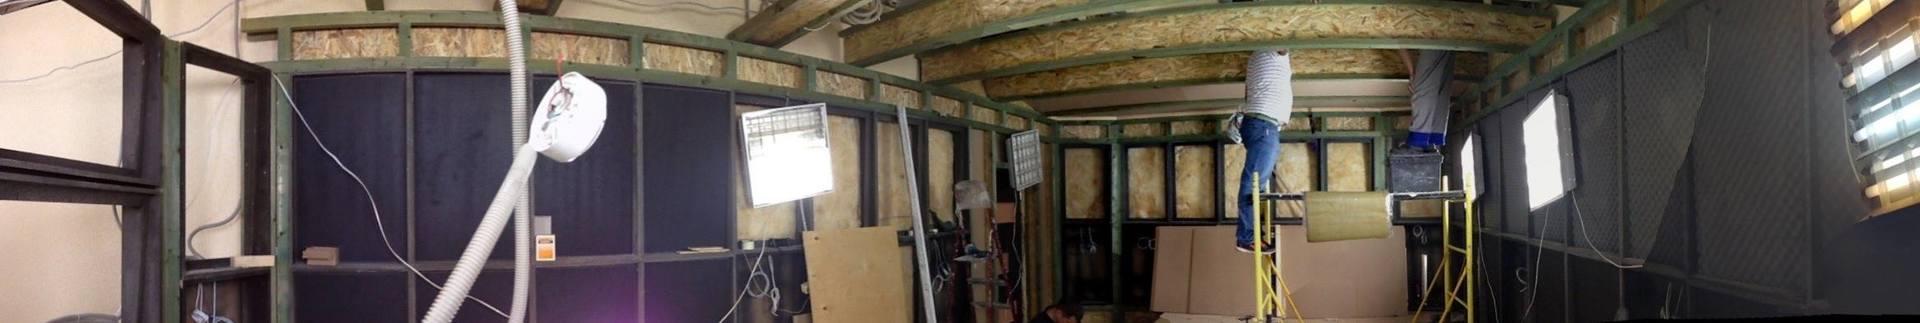 Домашние кинотеатры: Почему мы решили построить два кинозала в шоуруме Аудиомании - 3